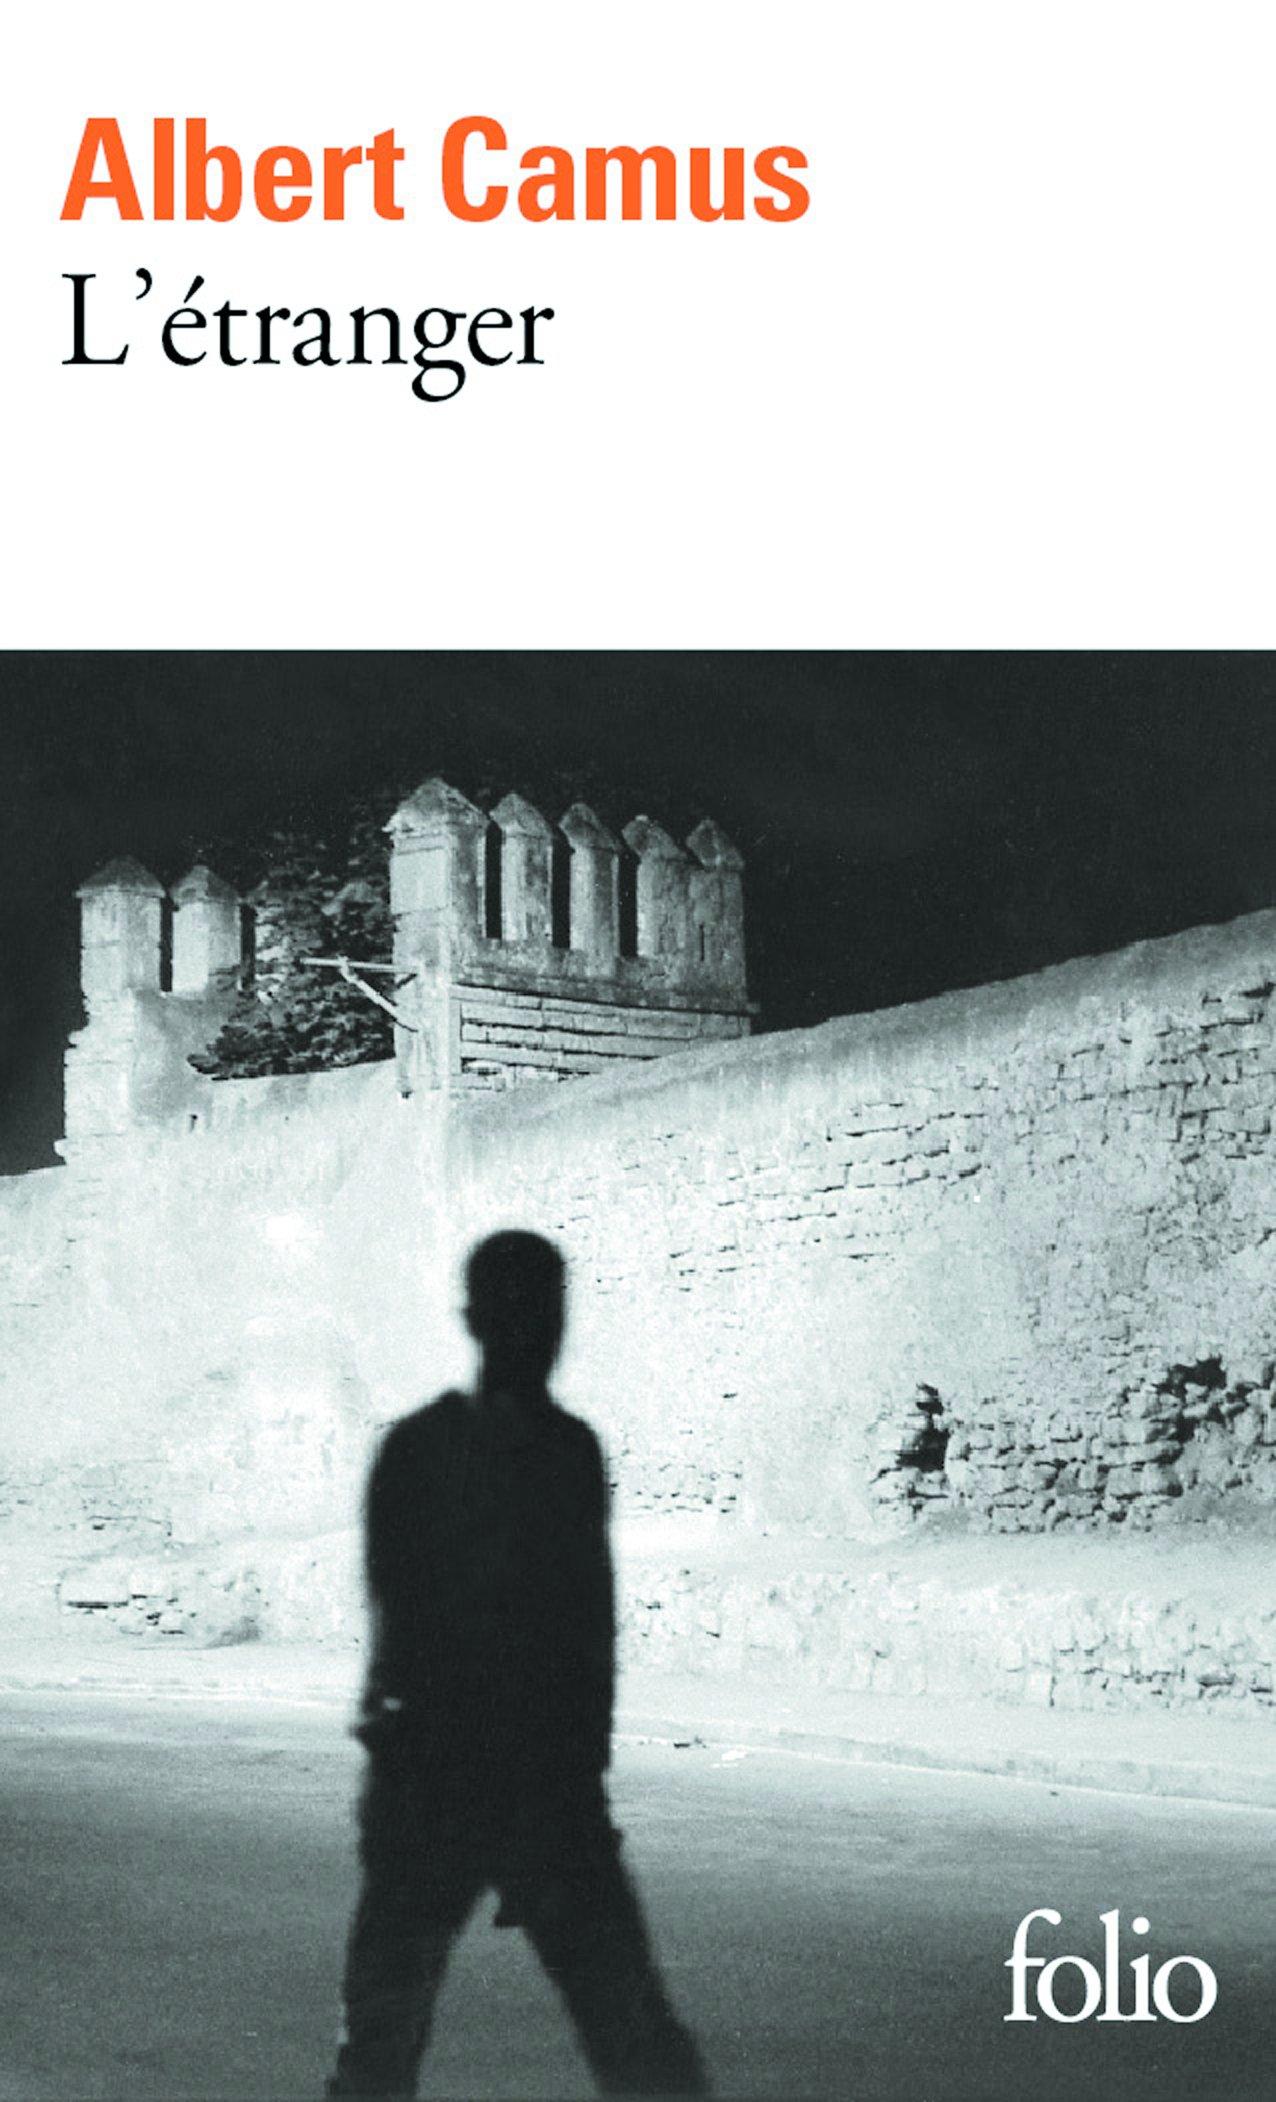 L'etranger (Folio): Amazon.co.uk: Albert Camus: 9782070360024: Books